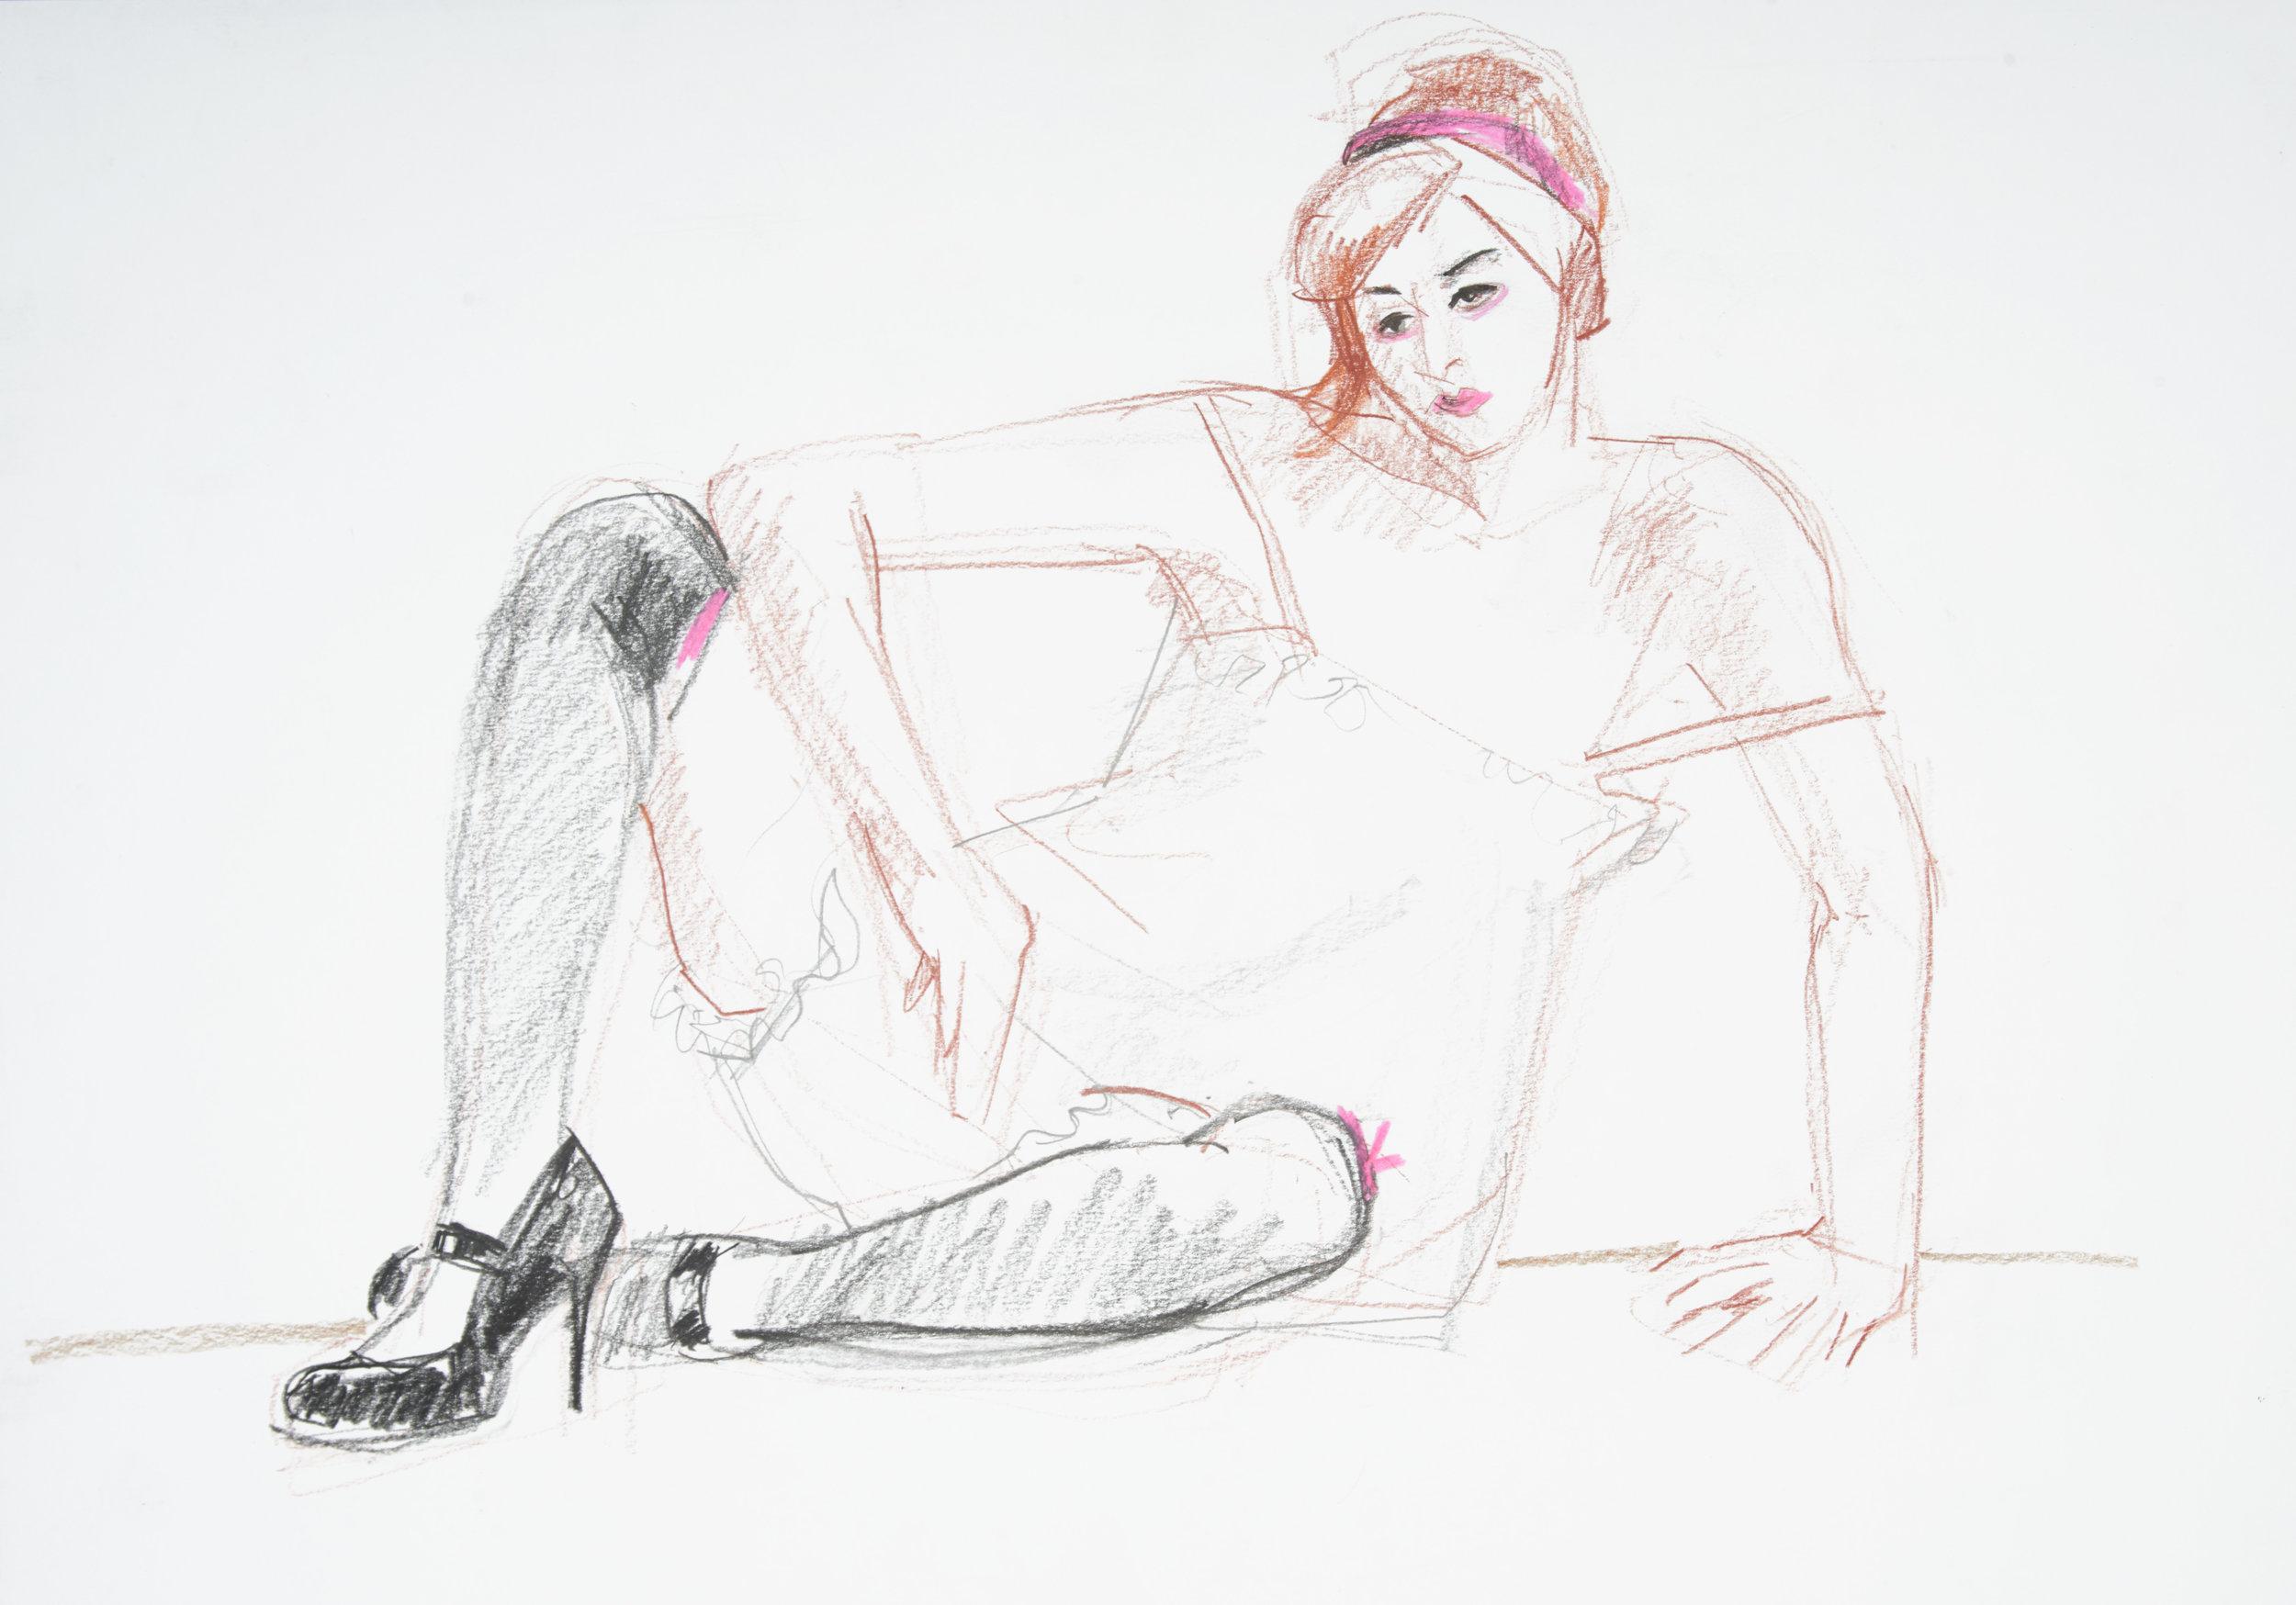 coloured pencil, graphite on paper  A2